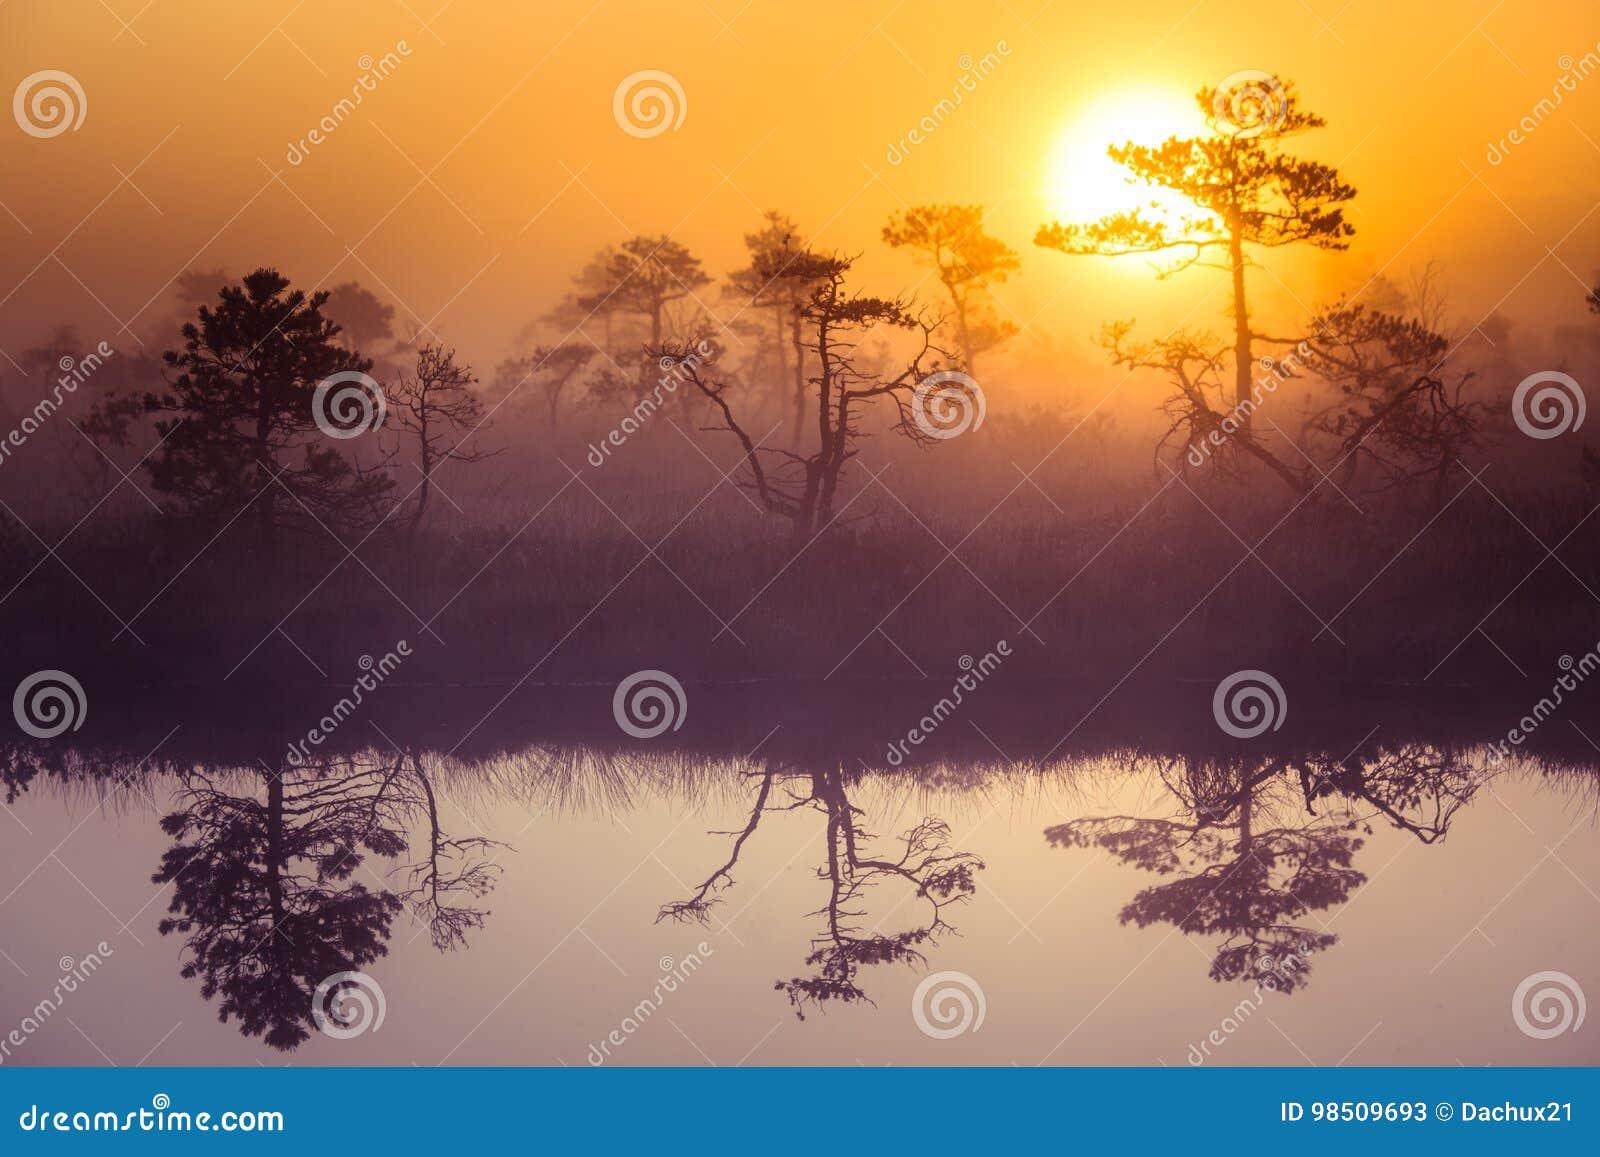 Piękna, marzycielska ranek sceneria słońca wydźwignięcie nad mglisty bagno, Kolorowy, artystyczny spojrzenie,